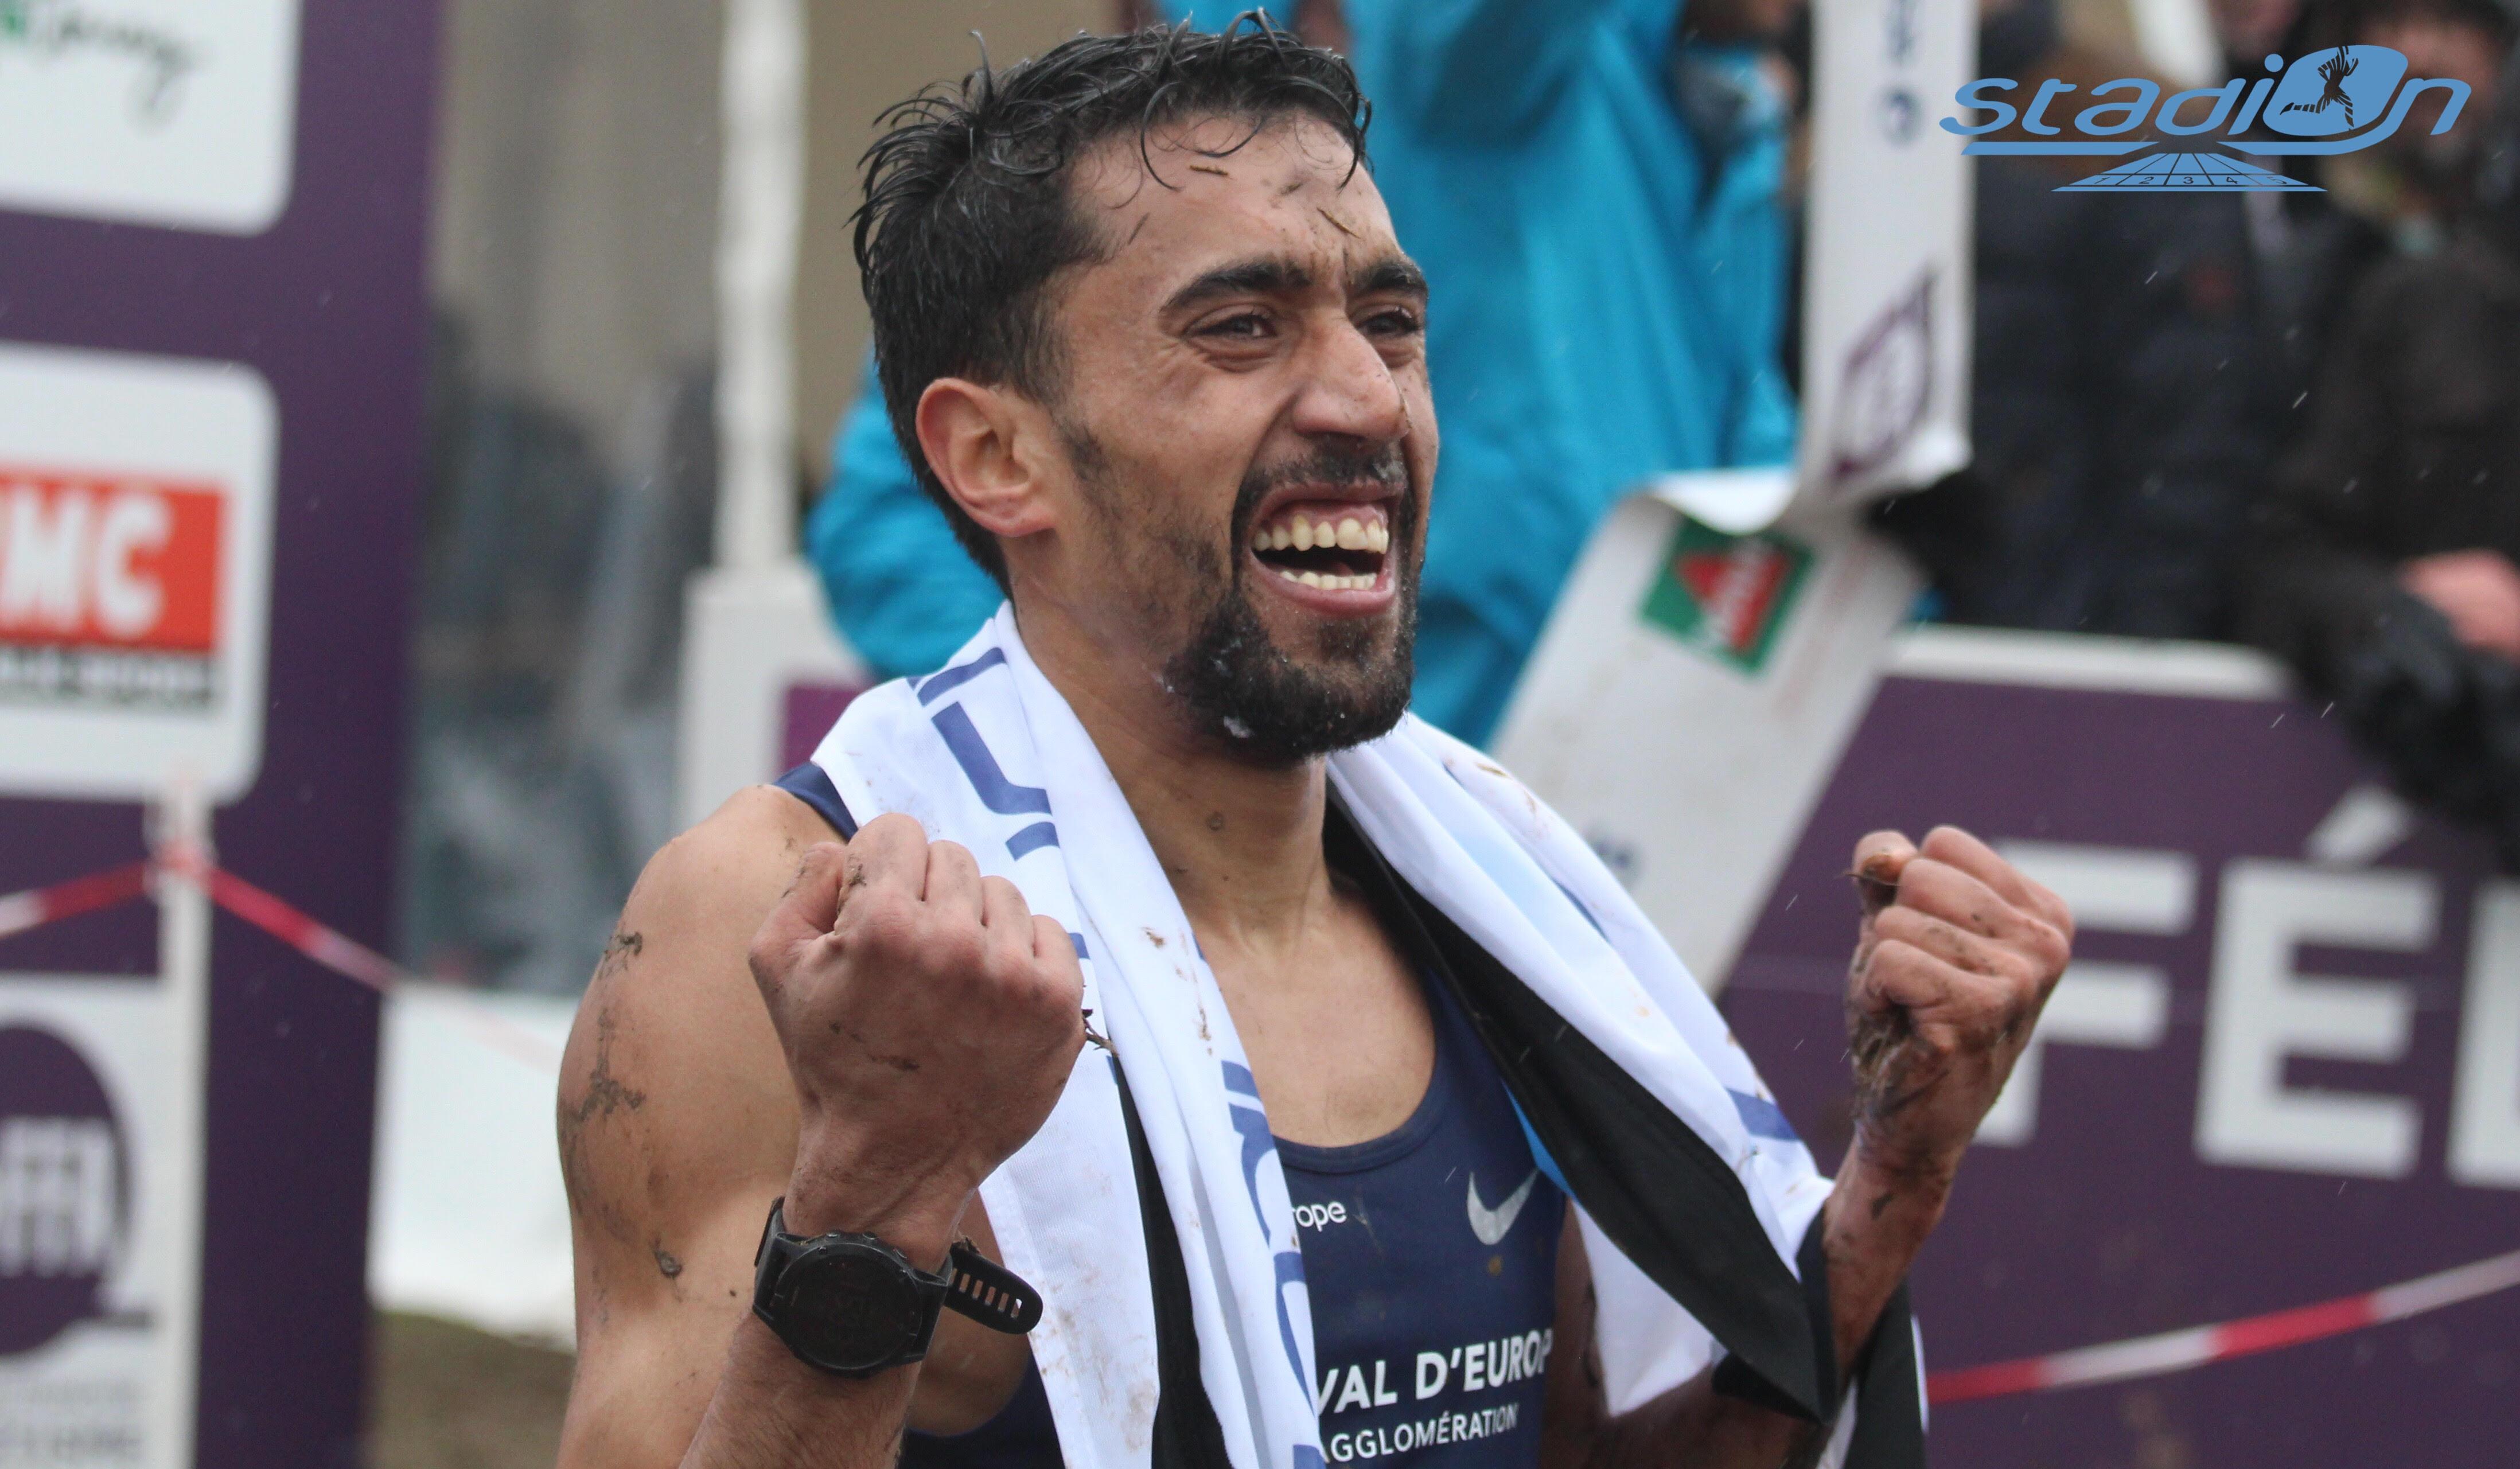 Championnats de France de cross-country : Amdouni et Duarte chantent sous la pluie